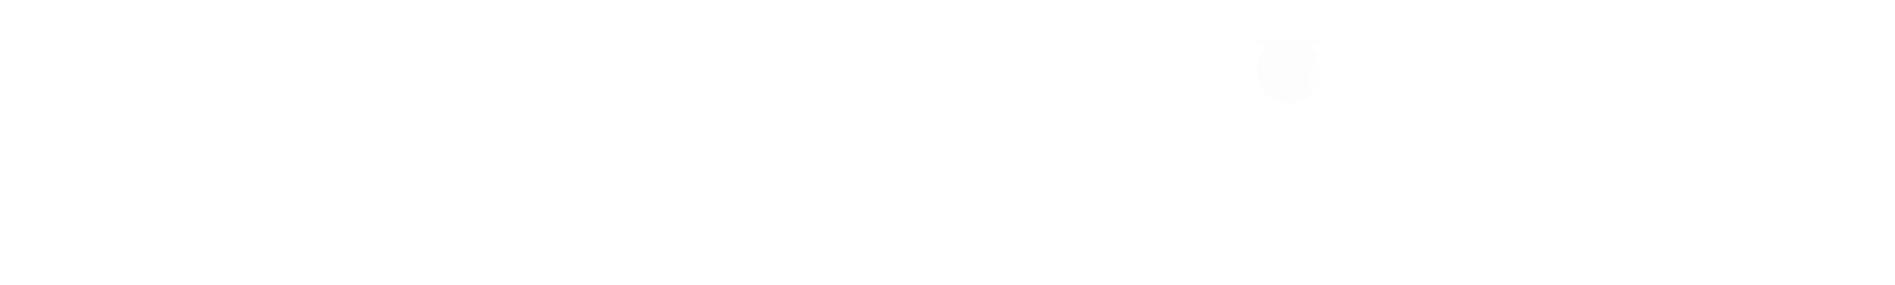 فانتاکروم